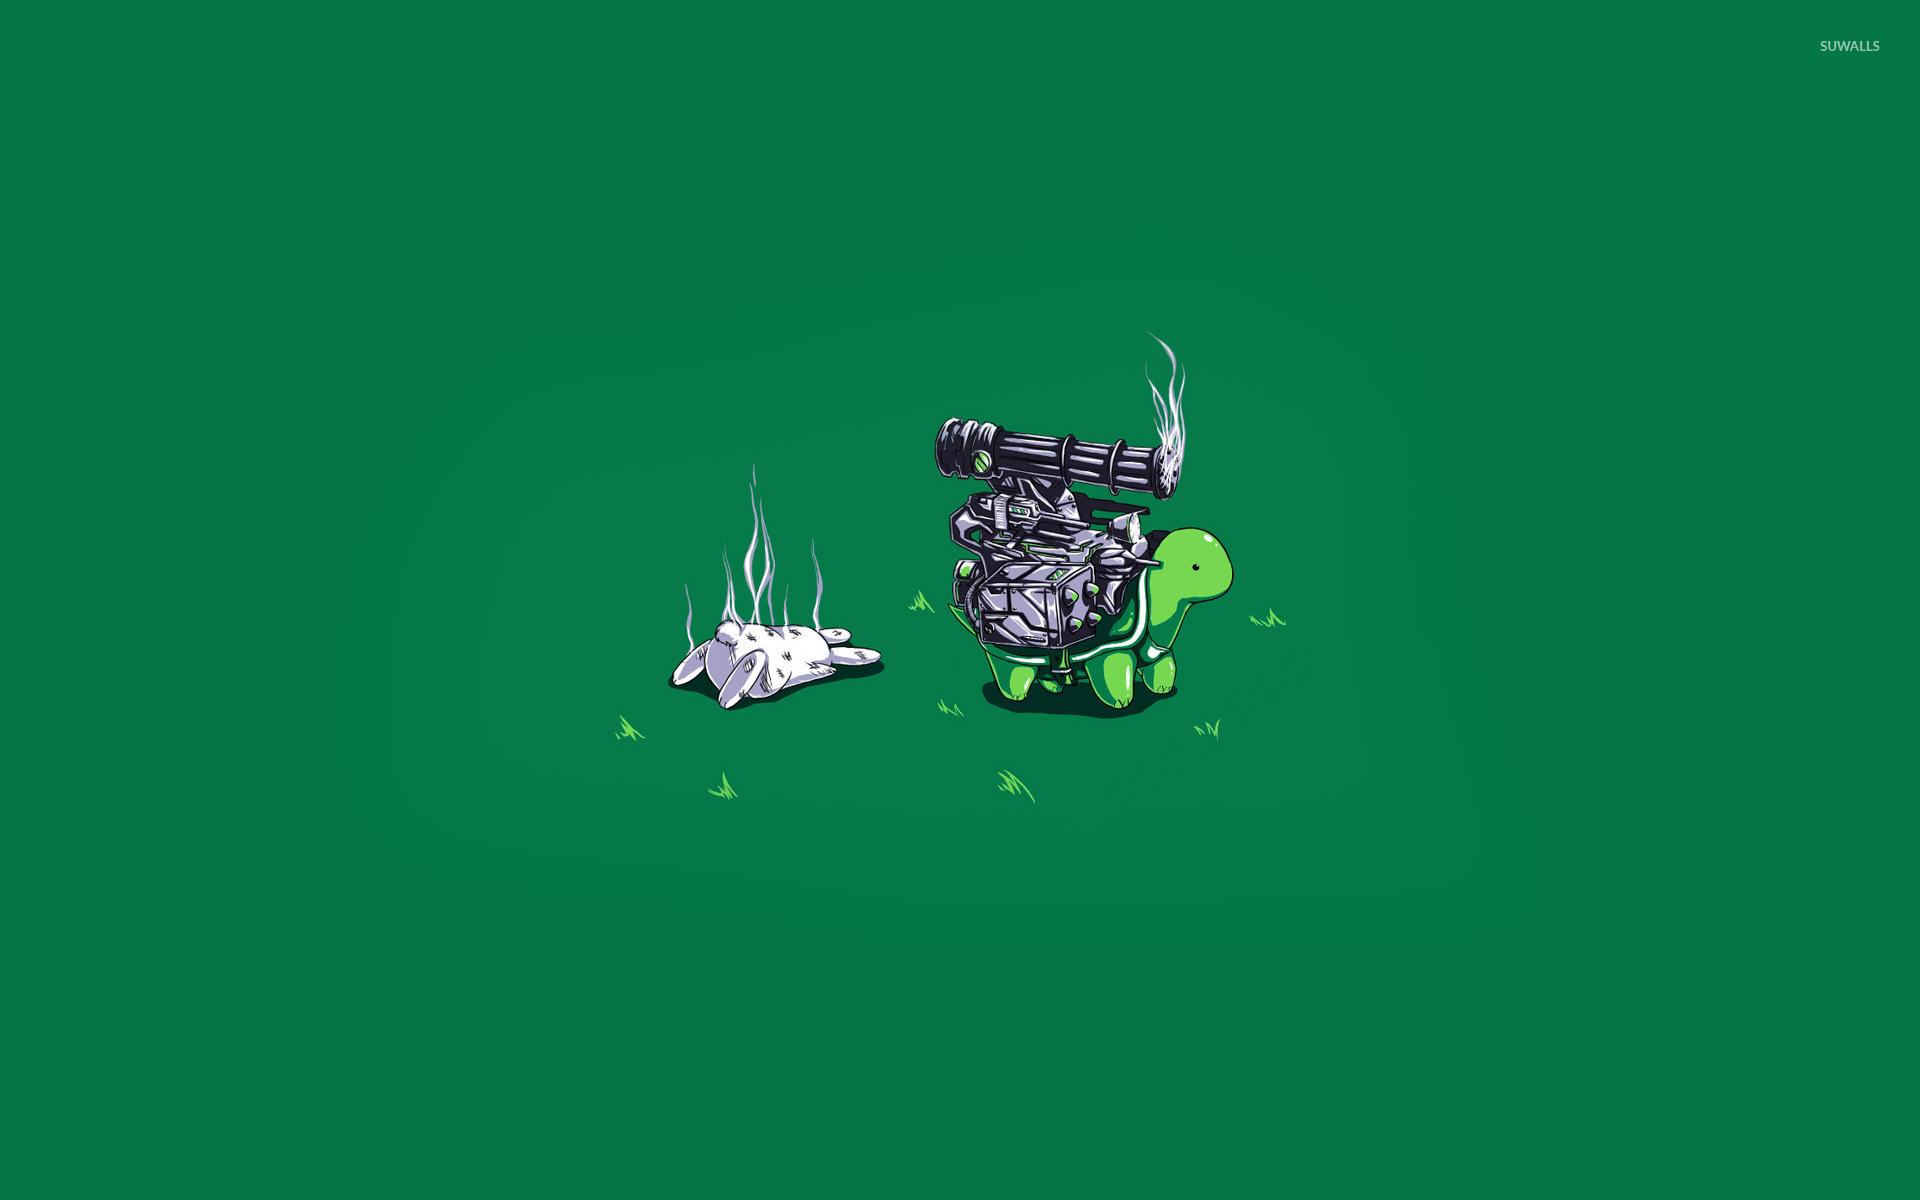 Armed turtle against the rabbit wallpaper jpg